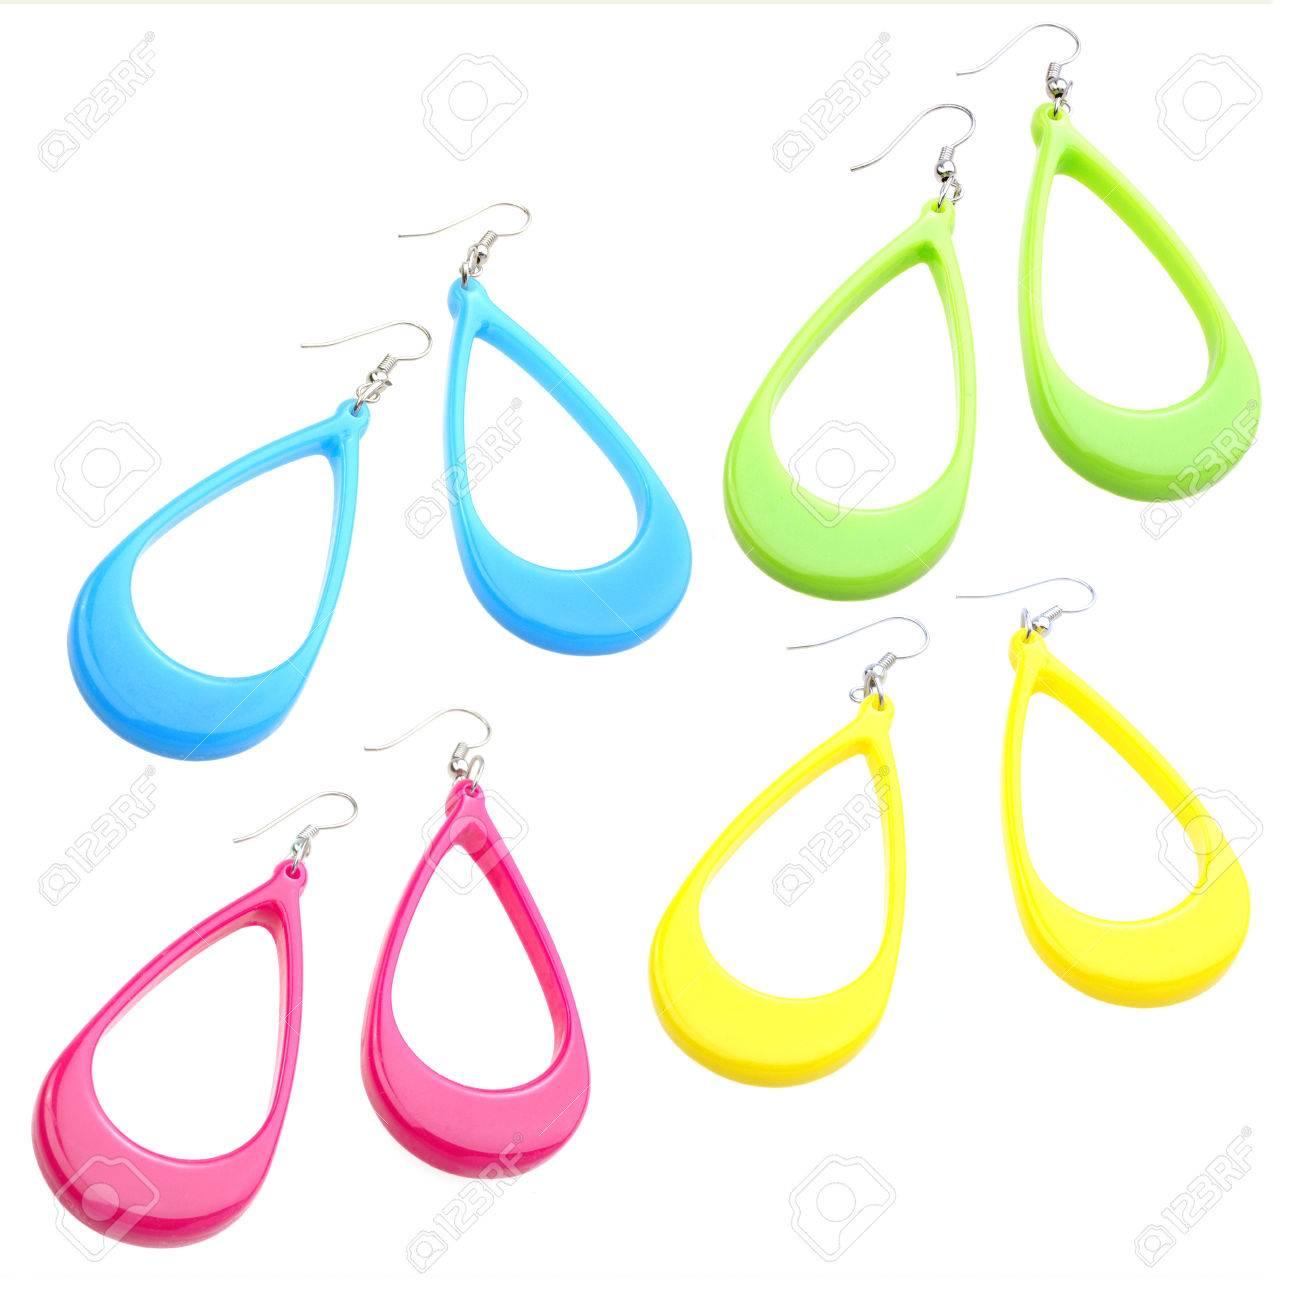 plastique boucle d'oreille